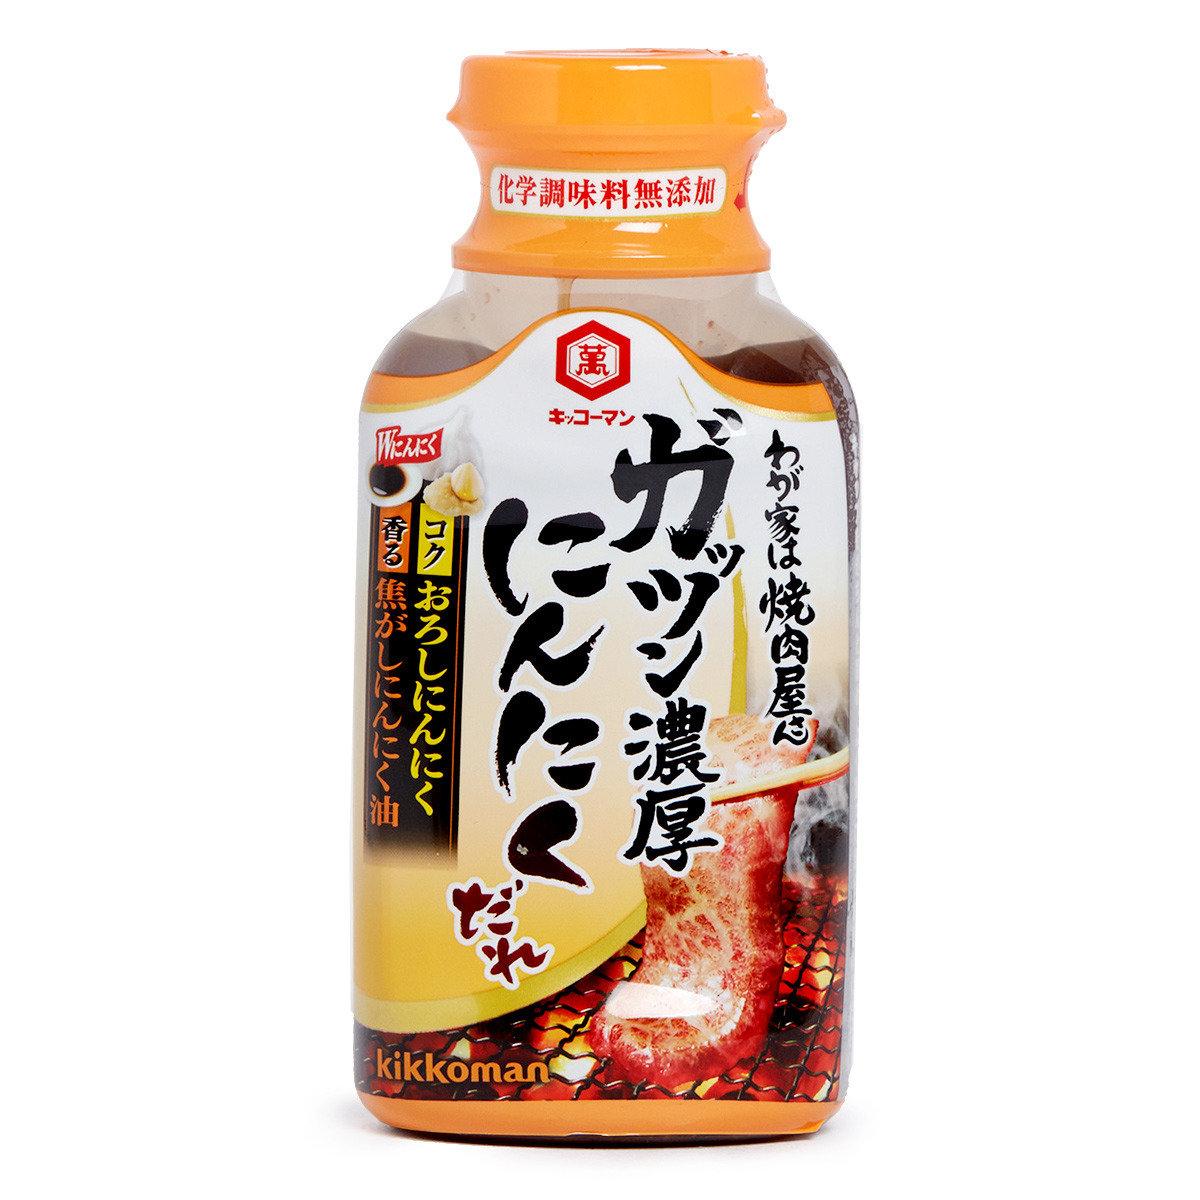 燒肉汁 (蒜香)